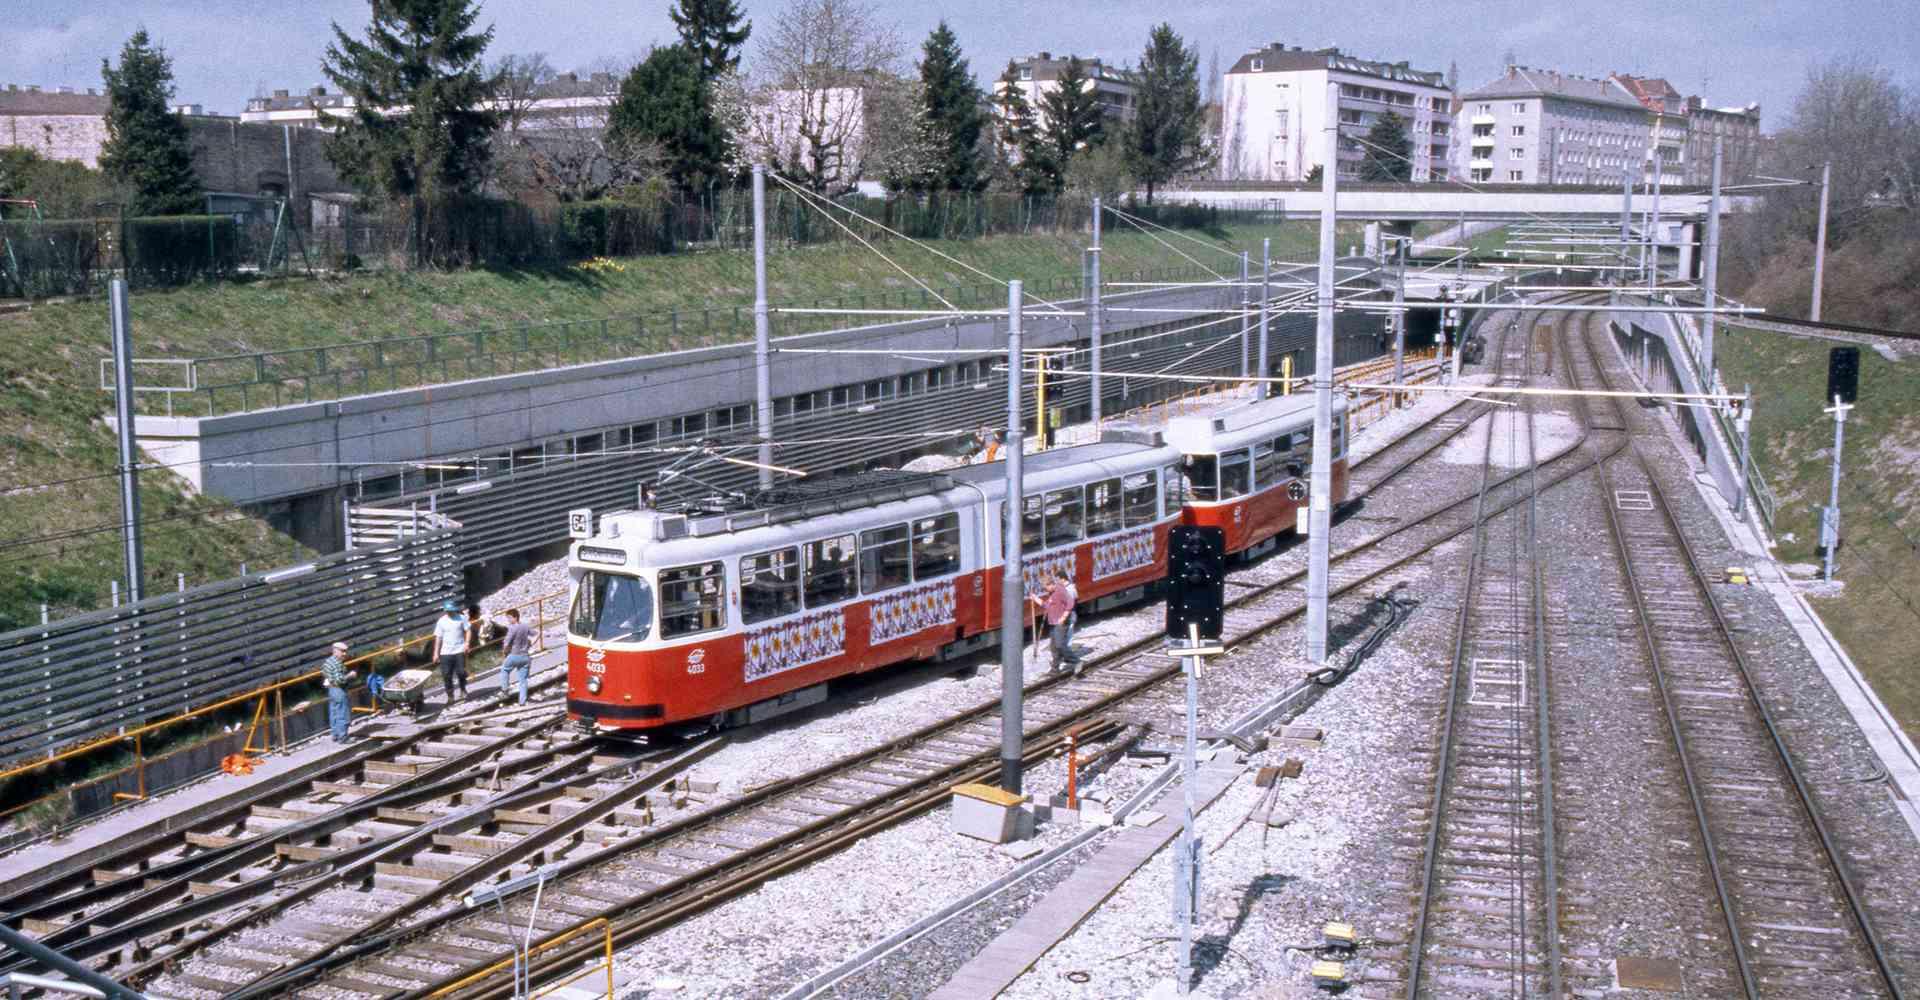 Bis Mai 1995 verkehrte die Schnellstraßenbahnlinie 64 nach Siebenhirten, dann übernahm die U6 den Betrieb auf.